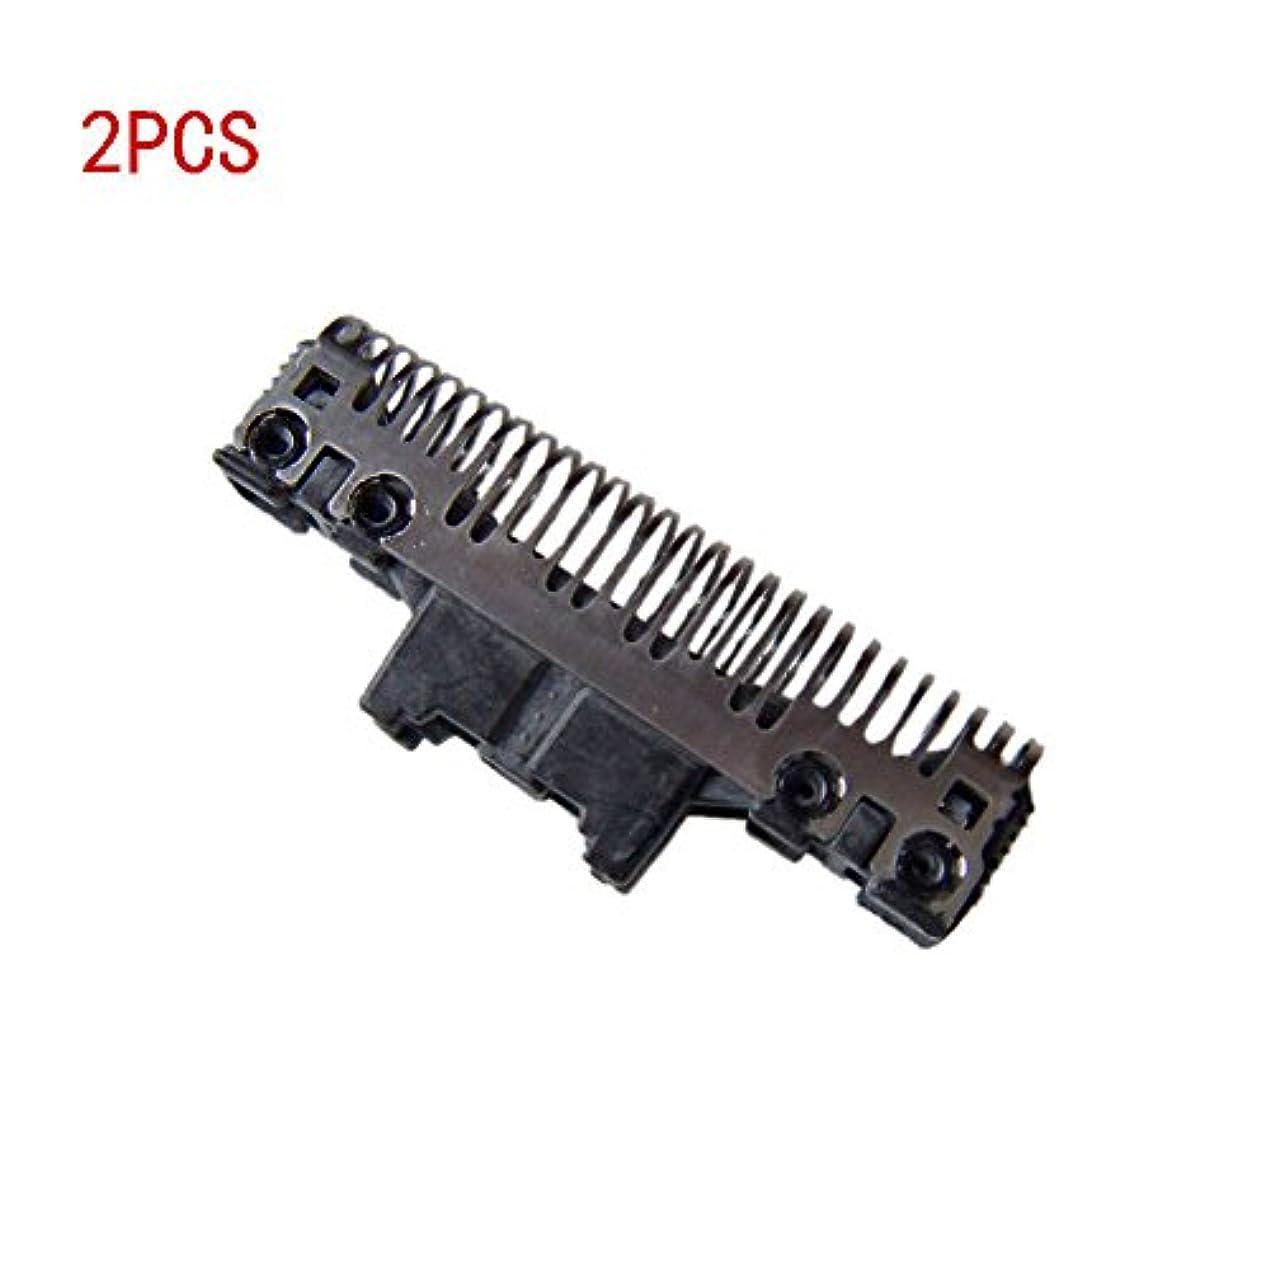 Hzjundasi シェーバーパーツ 部品 内刃 往復式シェーバー替刃 耐用 高質量 for Panasonic ES9072/7021/7022/7023/7026/7027/7006/7007